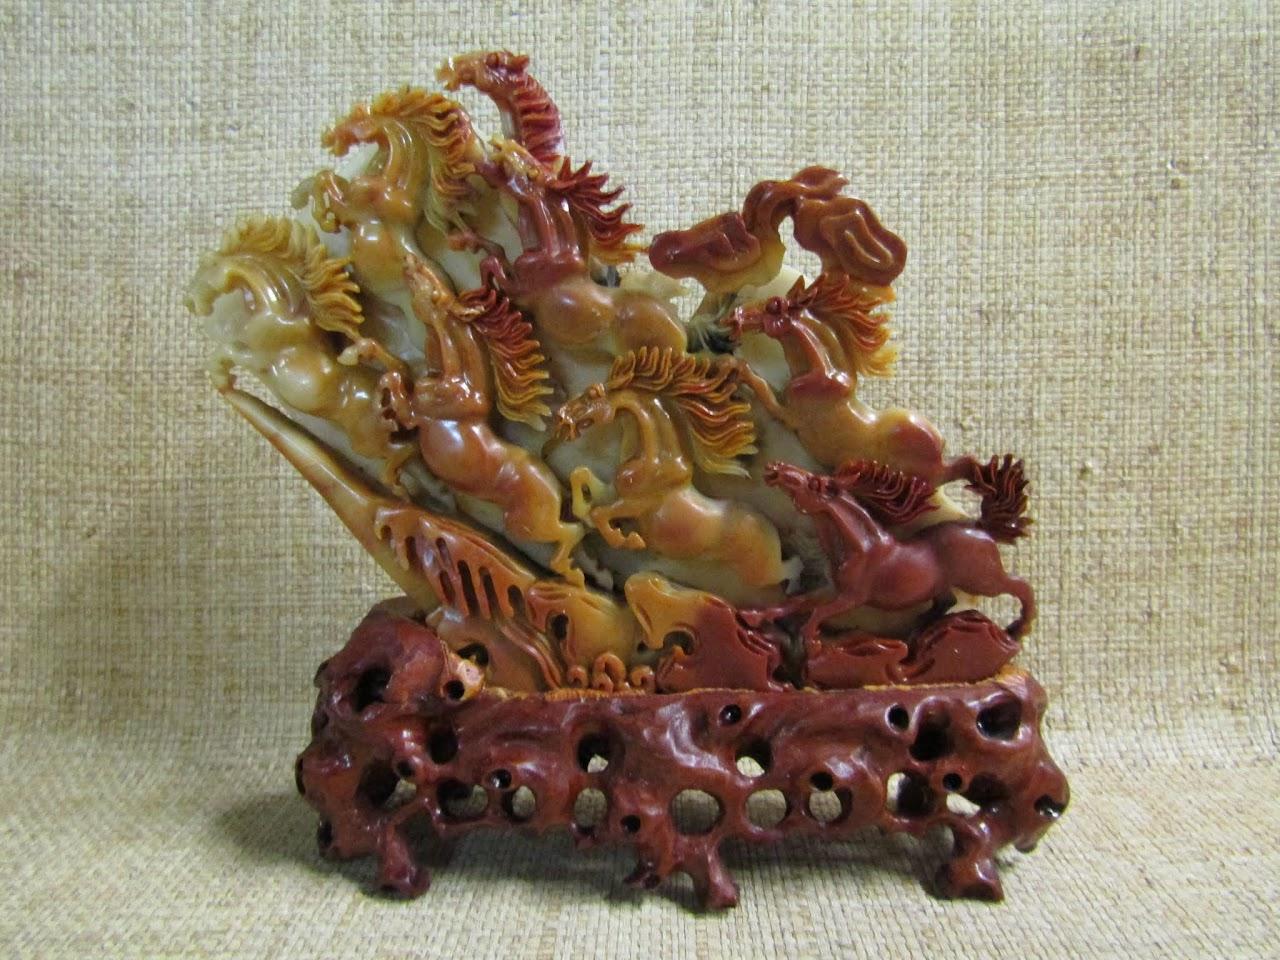 Stone Horses Sculpture